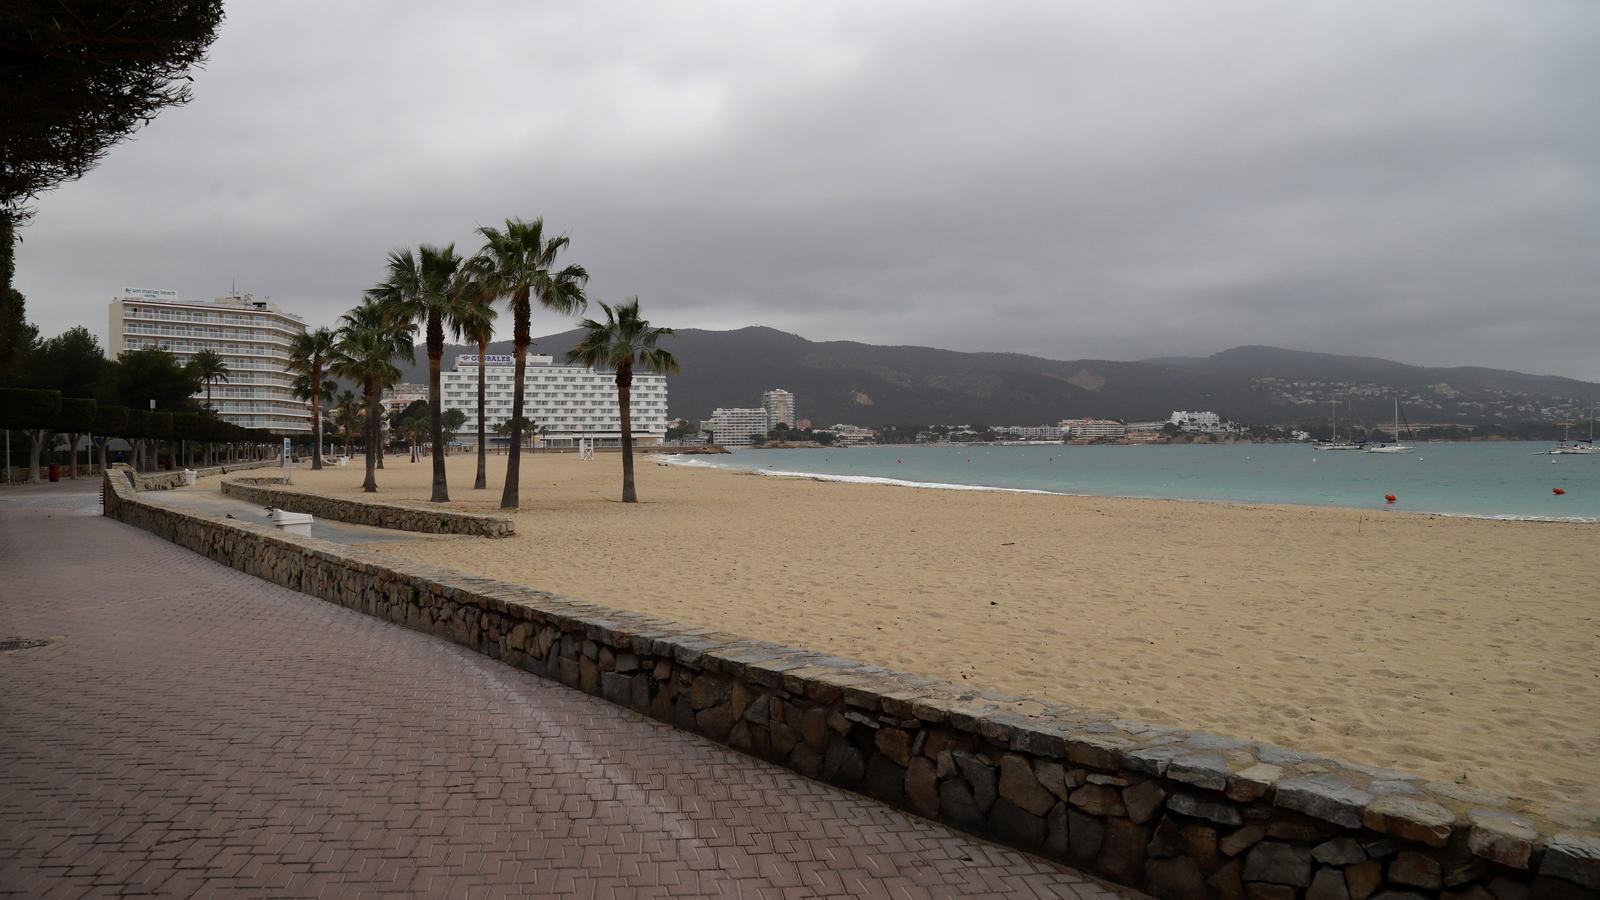 Cel tapat de niguls aquest dimecres a les Balears.